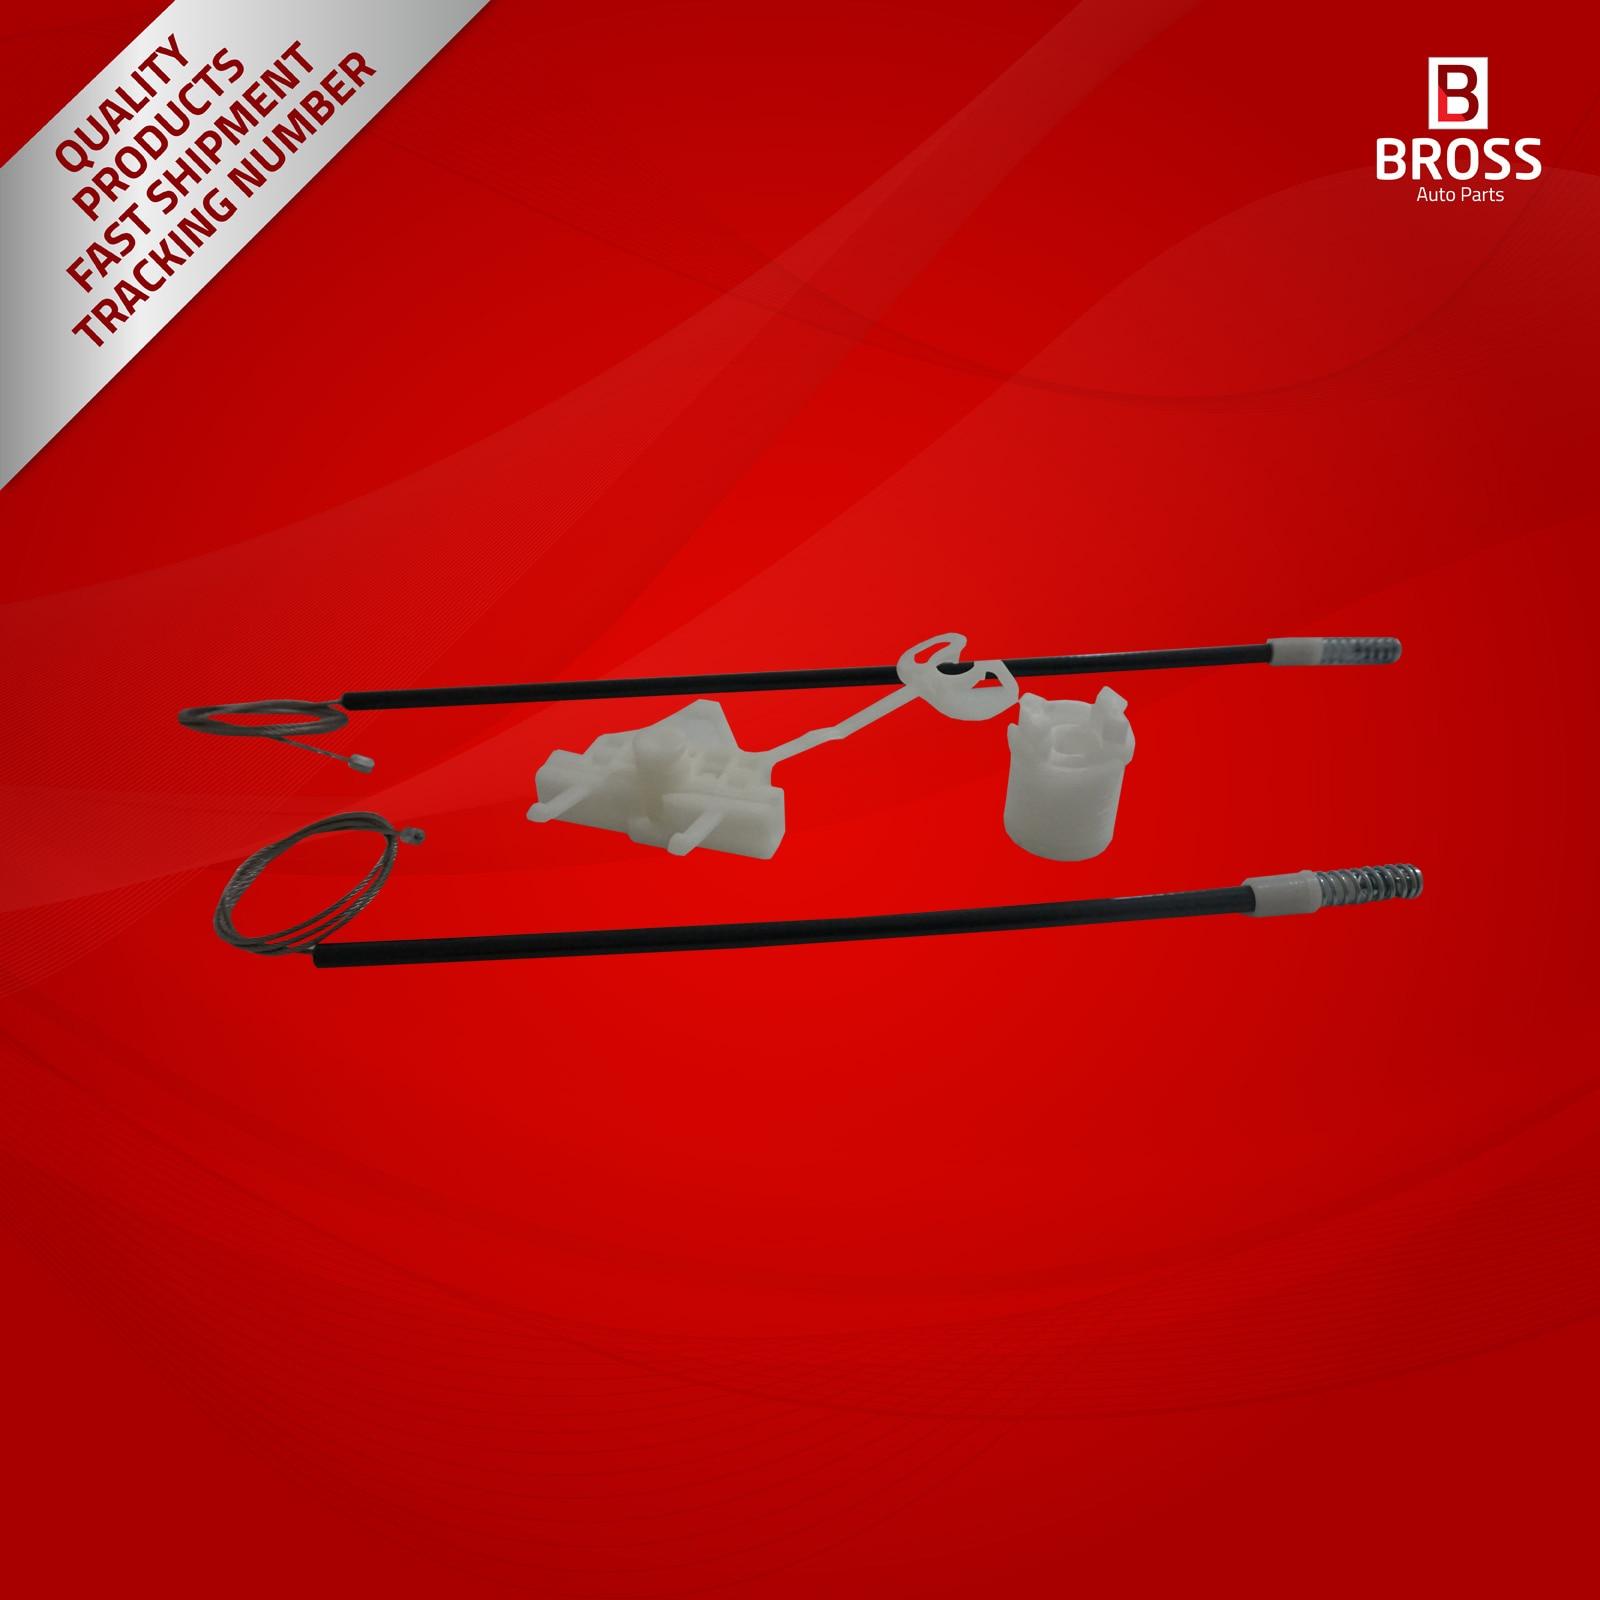 BWR5181 lève-vitre manuel 51723324 kit de réparation arrière gauche pour Punto 199